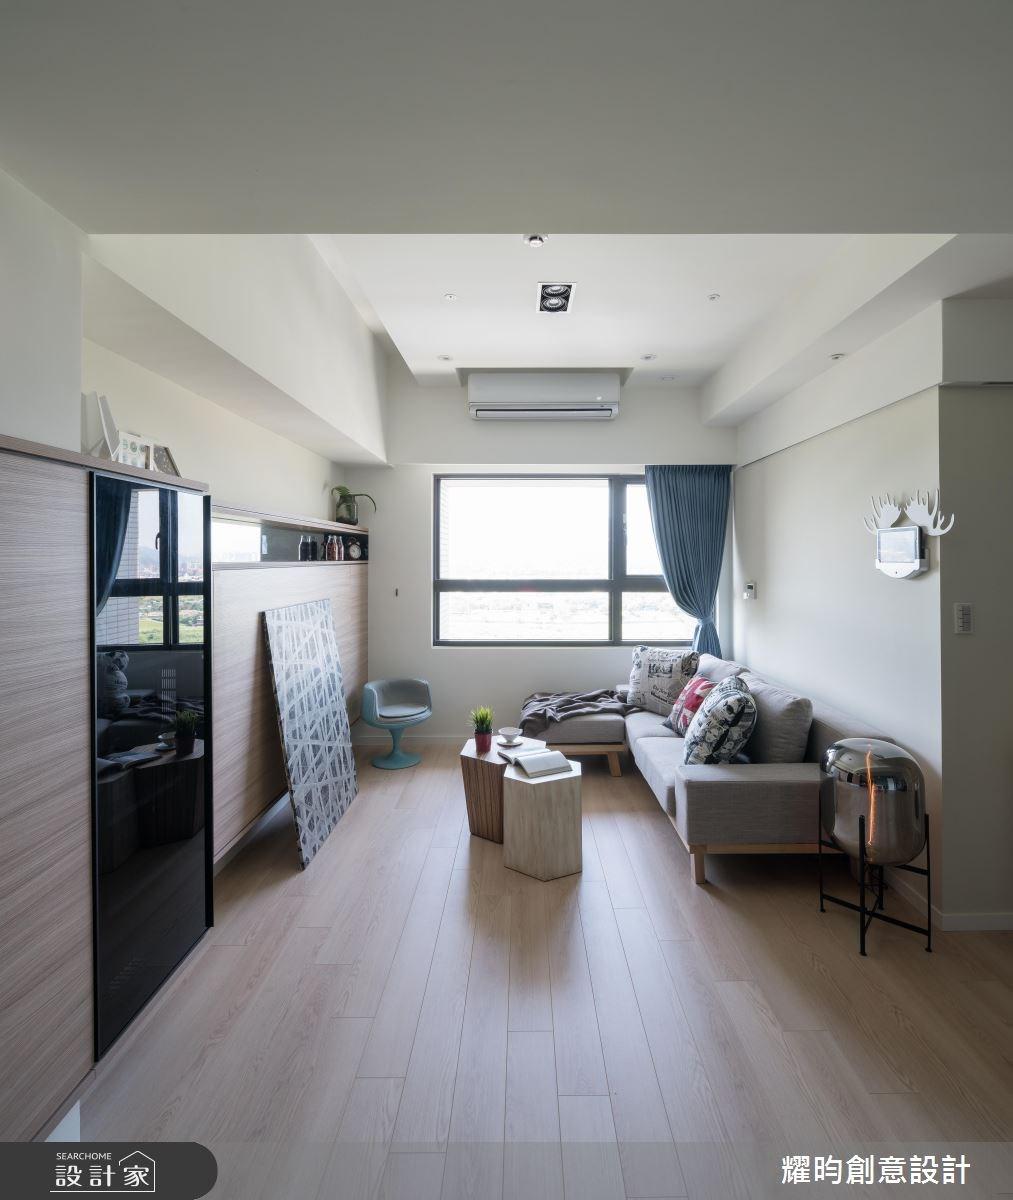 22坪新成屋(5年以下)_北歐風客廳案例圖片_耀昀創意設計_耀昀_44之3